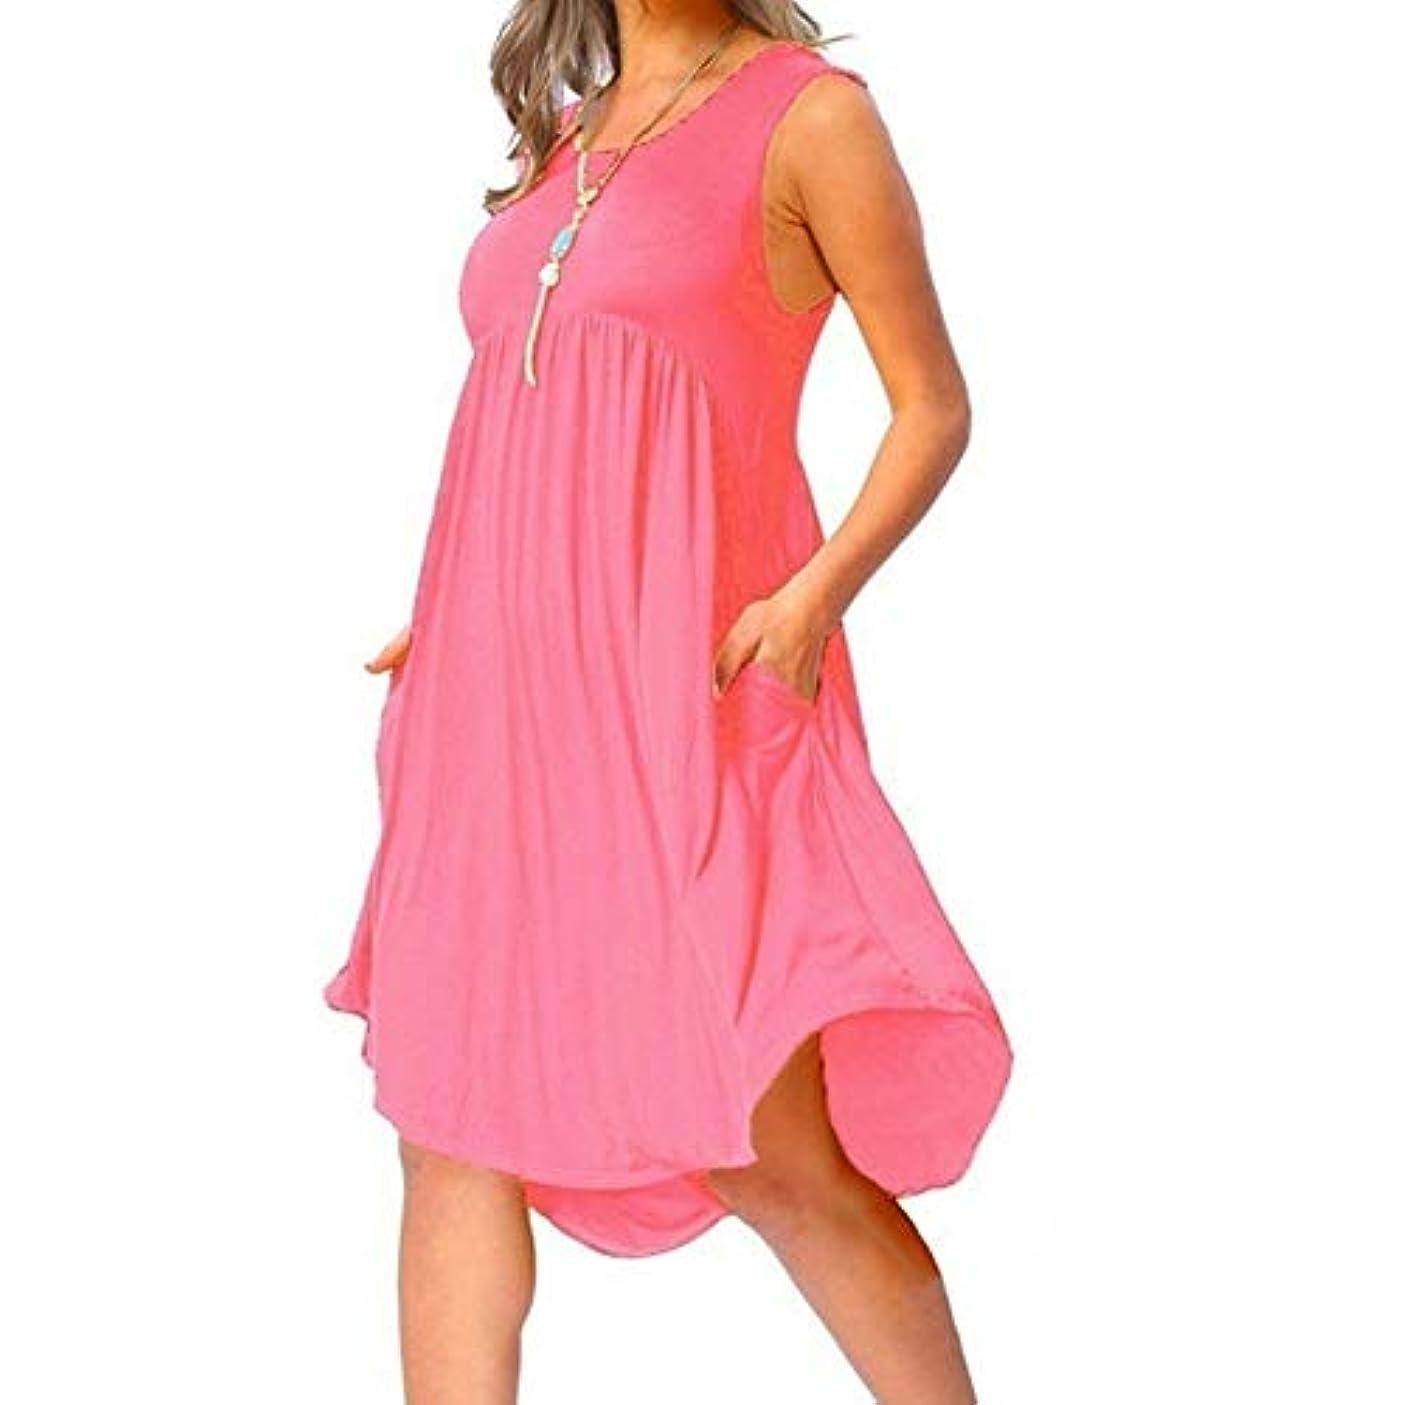 テクスチャーちょうつがい財産MIFAN の女性のドレスカジュアルな不規則なドレスルースサマービーチTシャツドレス